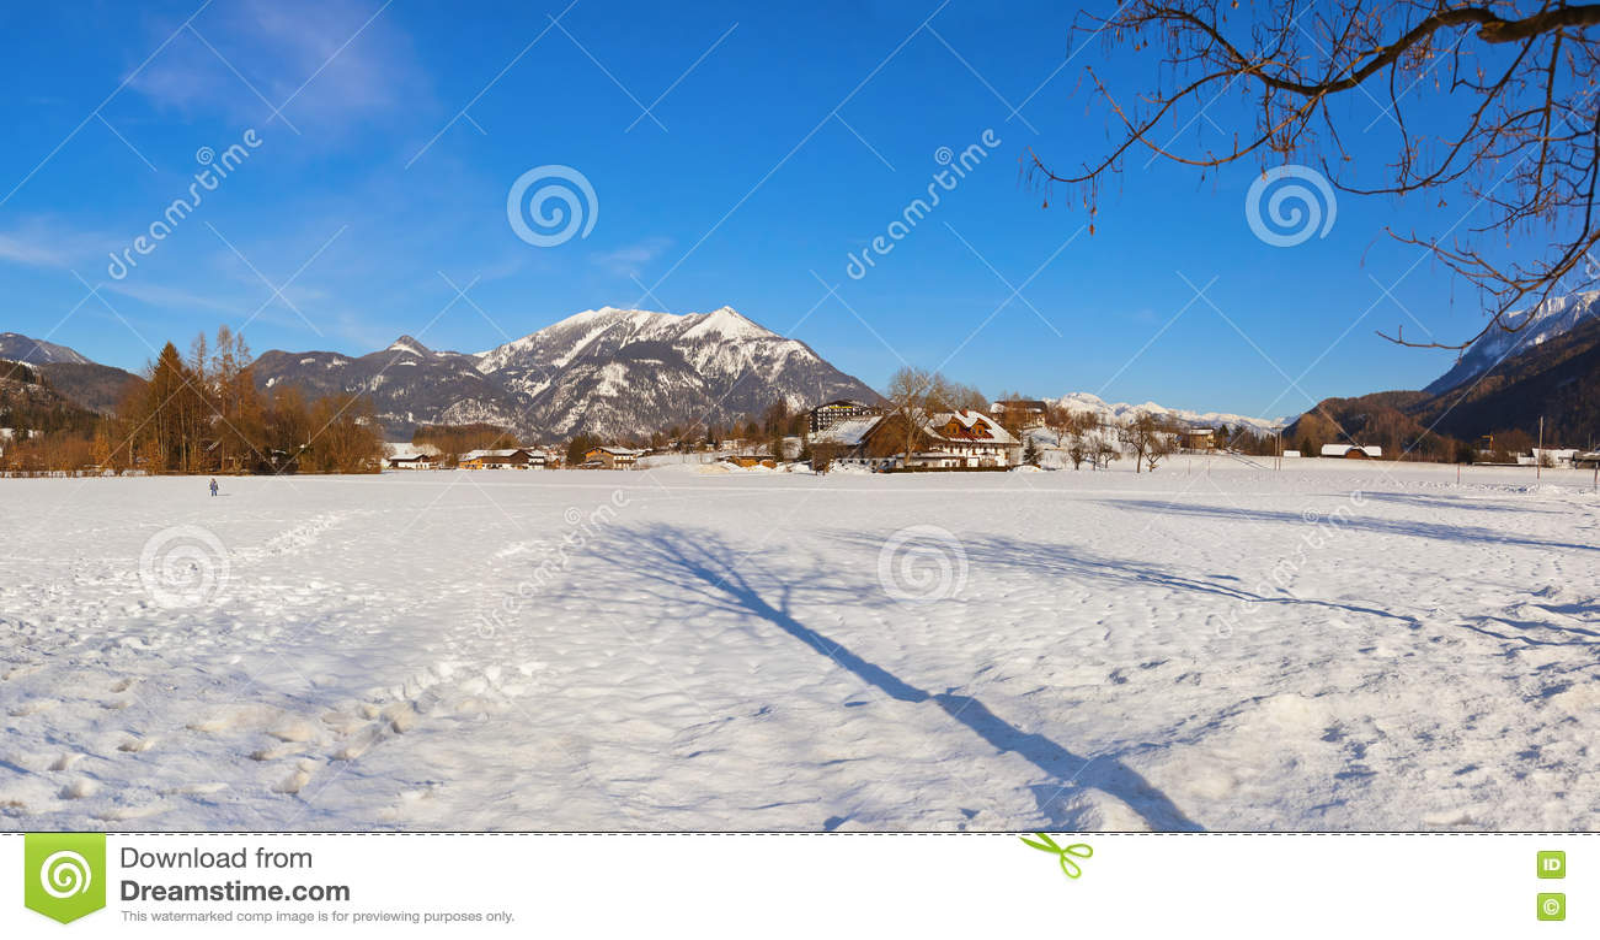 Mountains Ski Resort Strobl Austria Stock Image